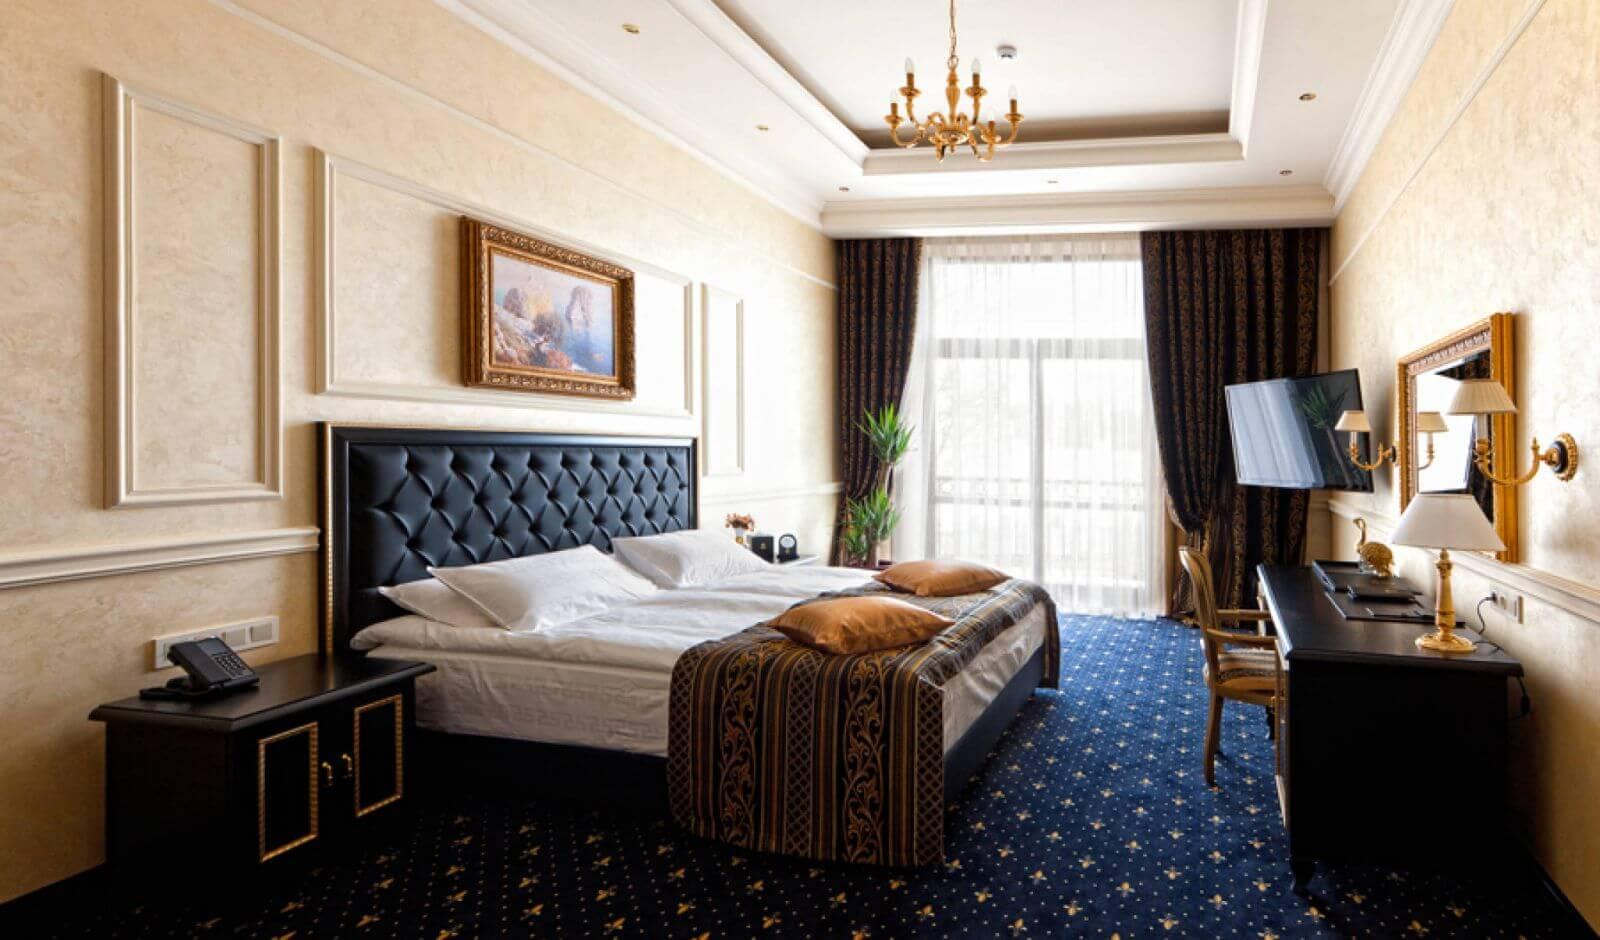 Внутренняя отделка гостиниц, цена работ в Минске